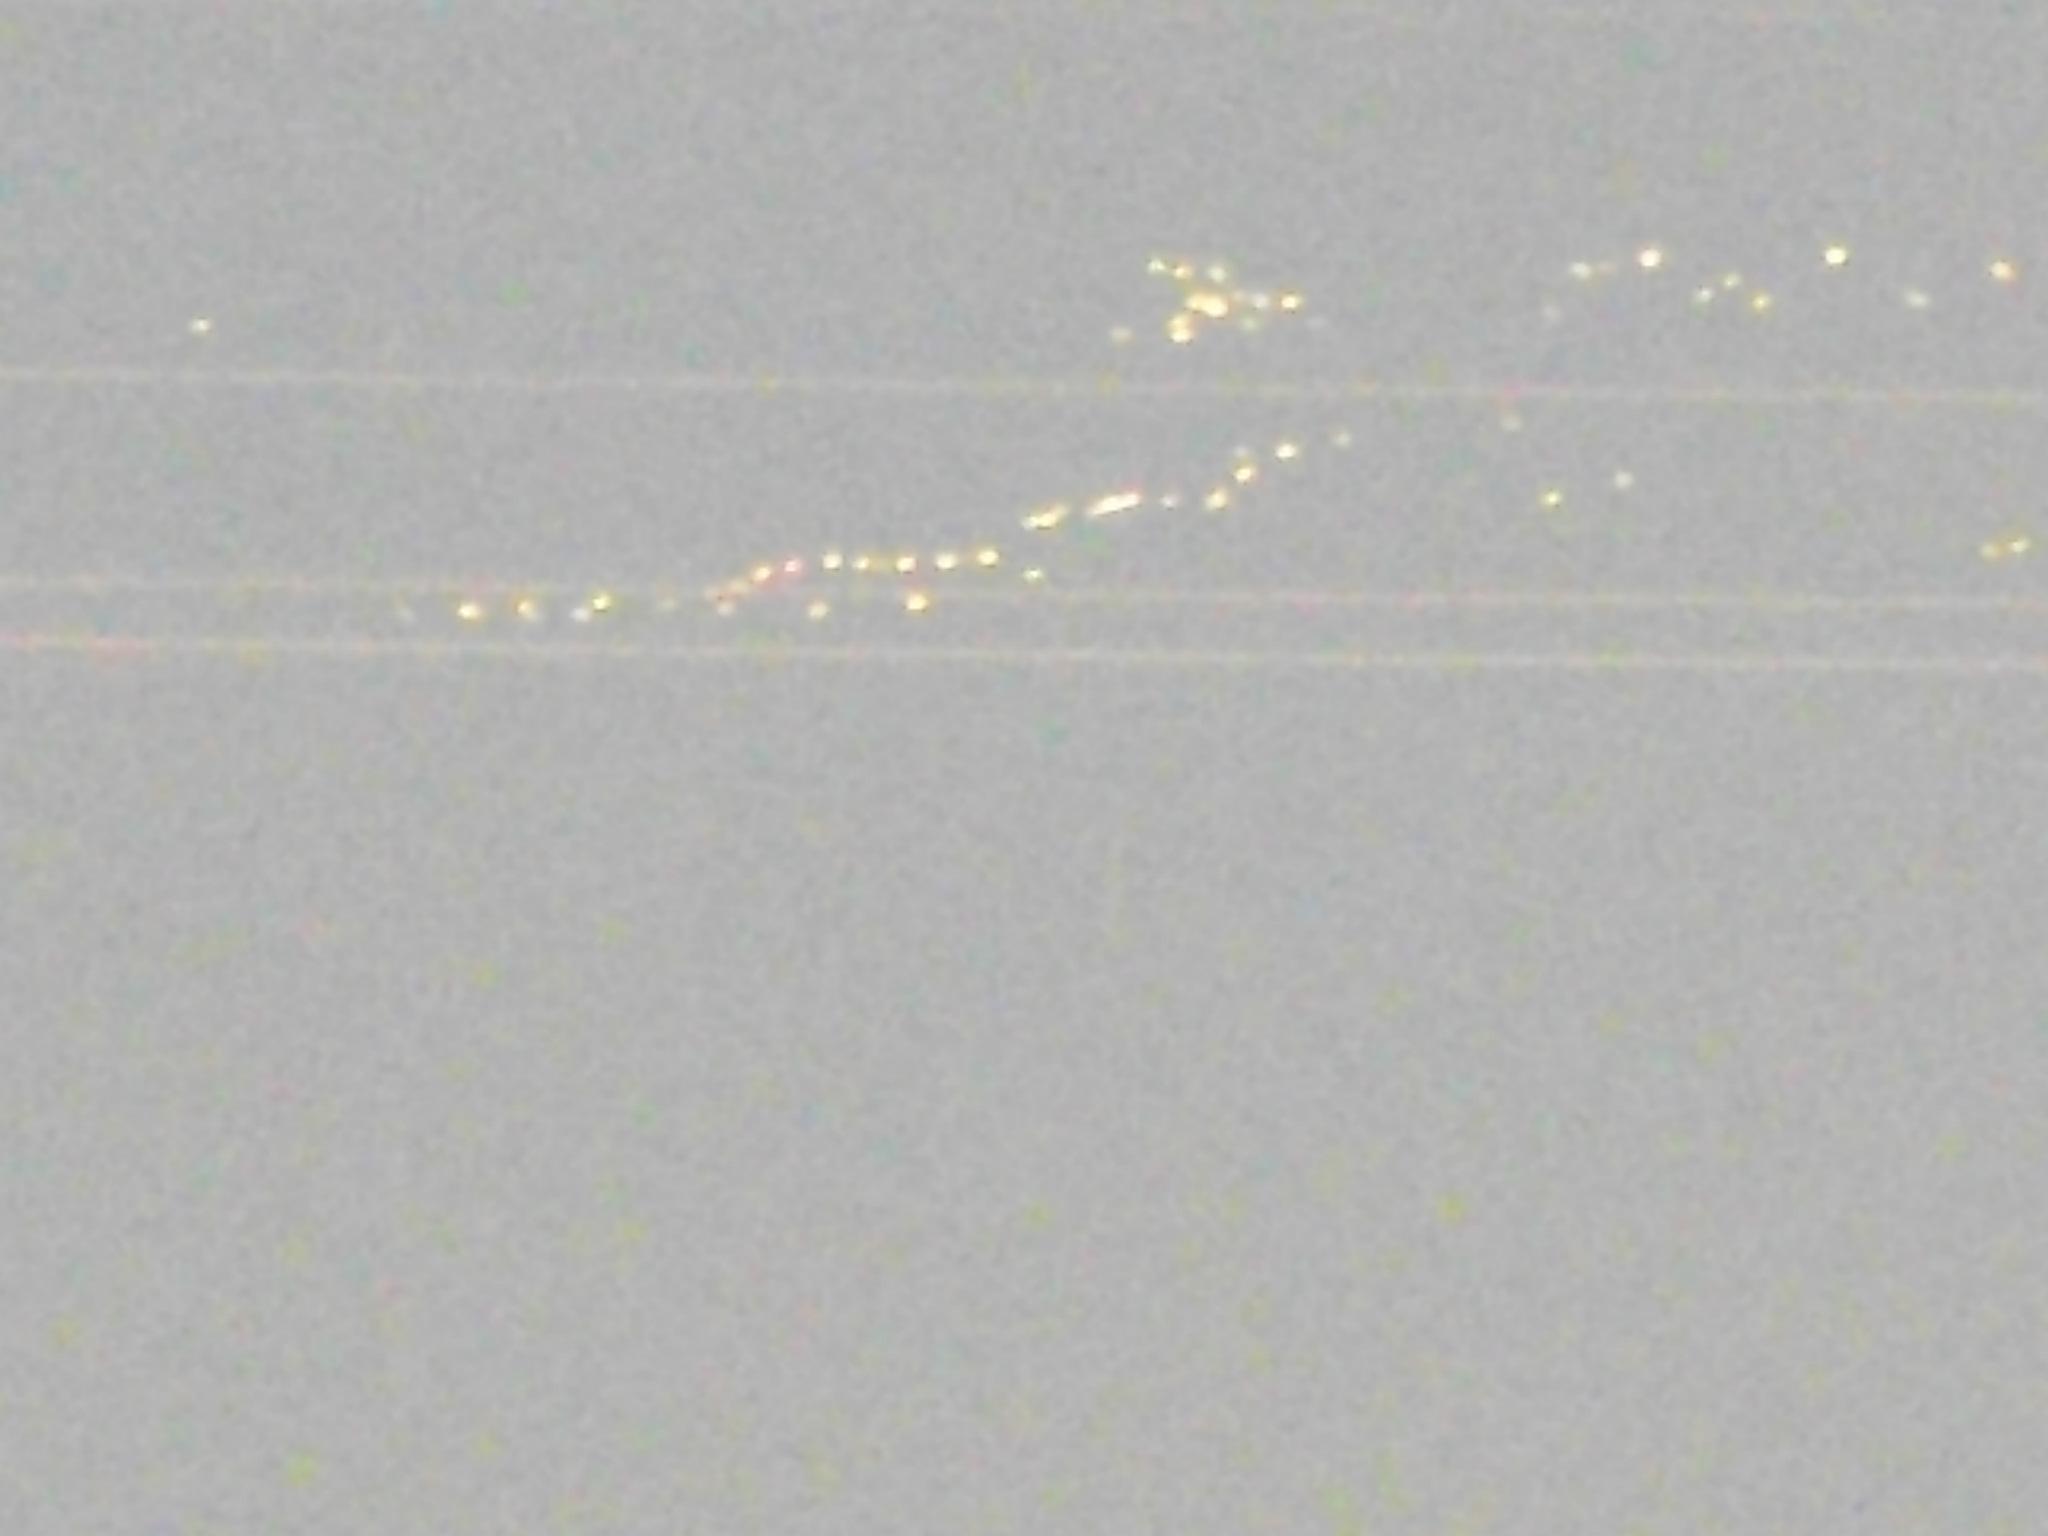 2015: le /08 à 20h - Boules lumineuses en file indienne -  Ovnis à Wargnies le grand - Nord (dép.59) - Page 3 950134130